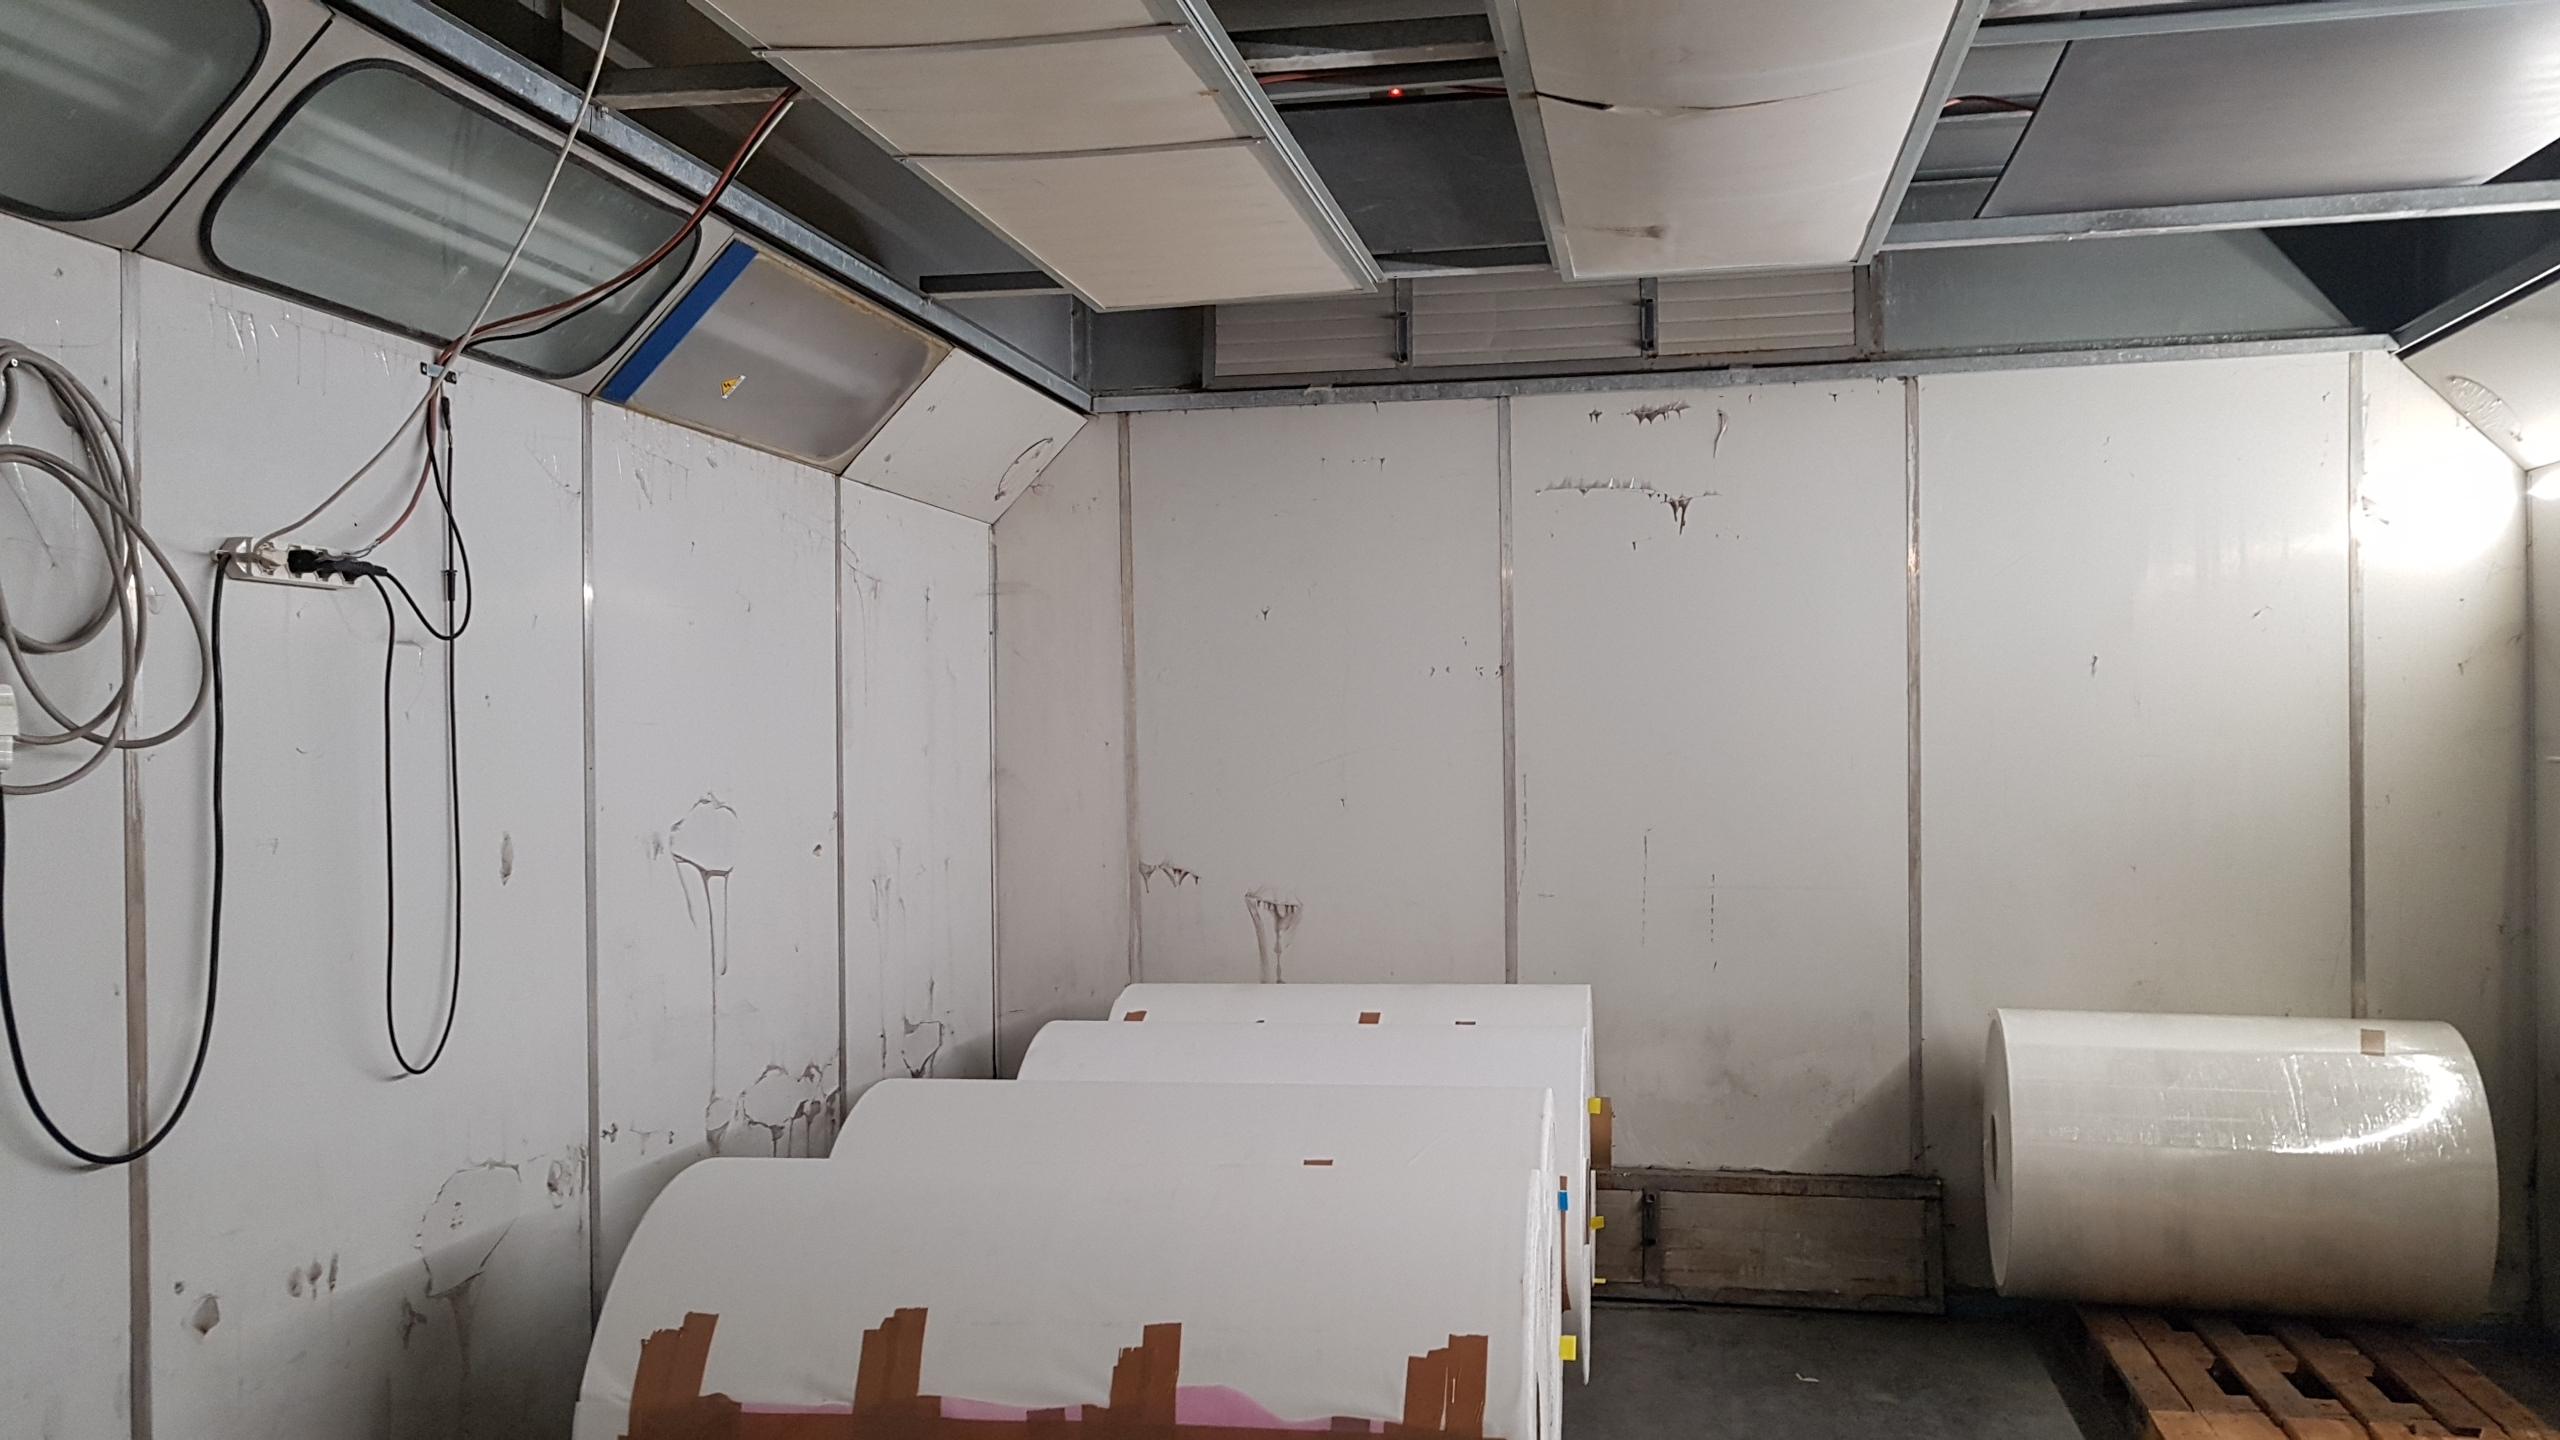 Camere calde  umidostatiche in pannelli policarbonato  , soluzioni personalizzate .